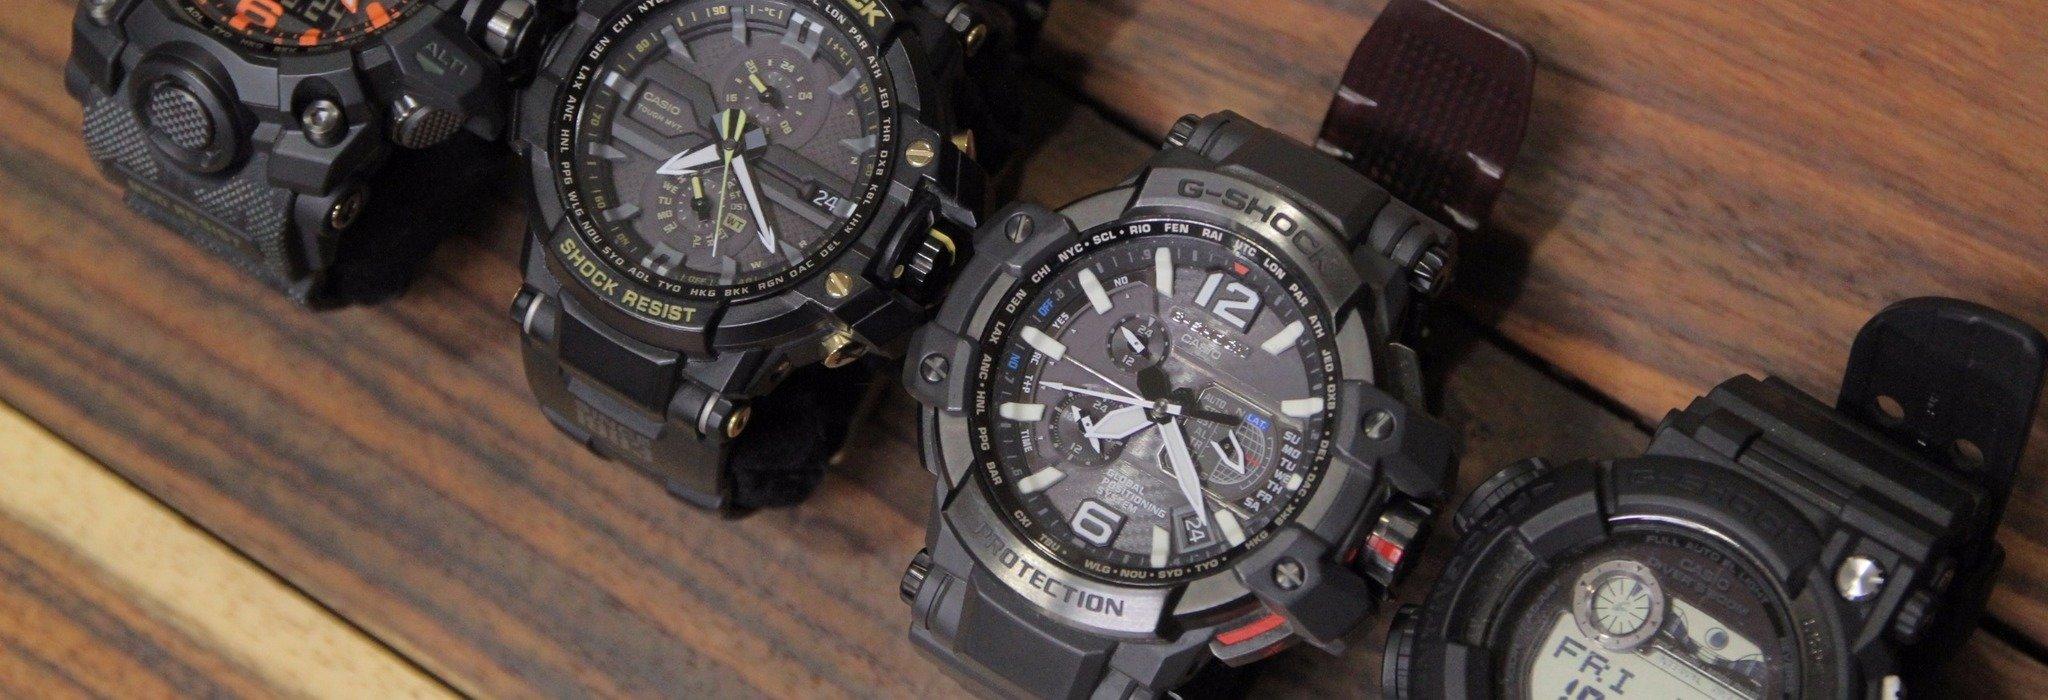 自分を奮い立たせてくれる腕時計。声優・阪口周平さんが語る、G-SHOCKの魅力とは。_image